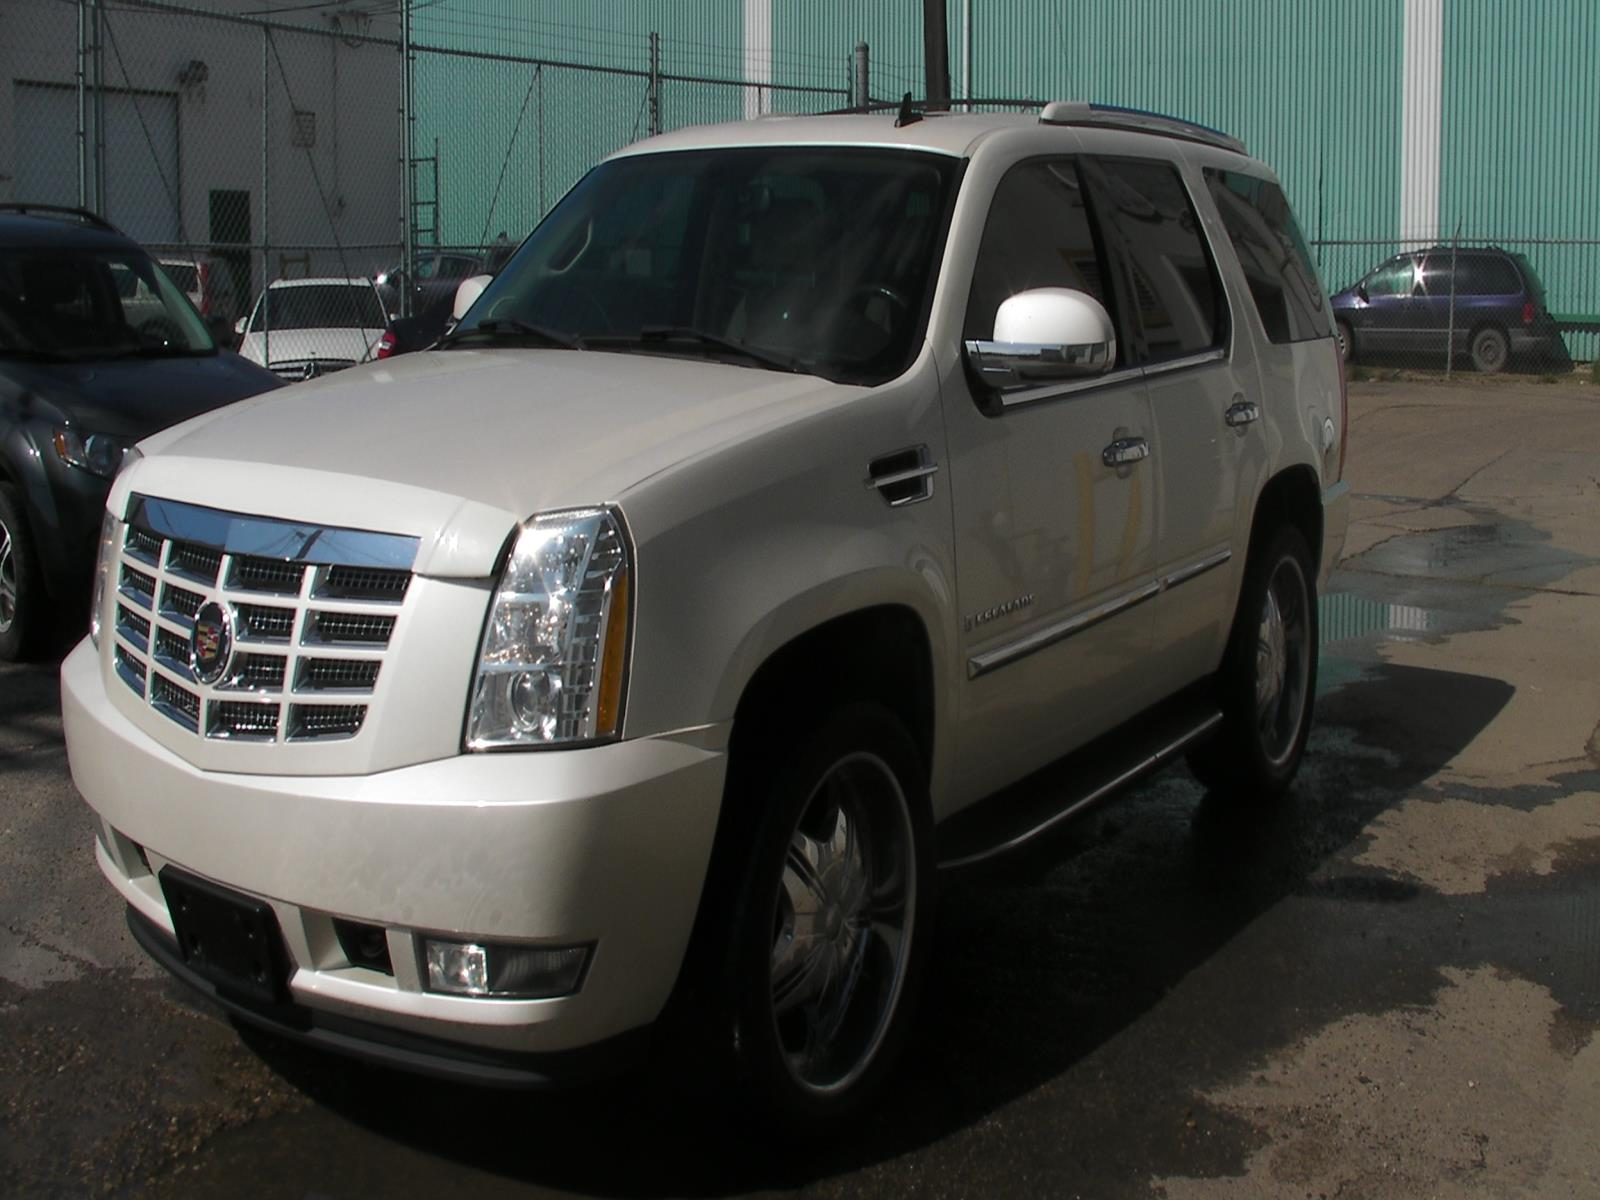 Used Car Lots Edmonton: 2007 Cadillac Escalade In Edmonton, Alberta, $26,990